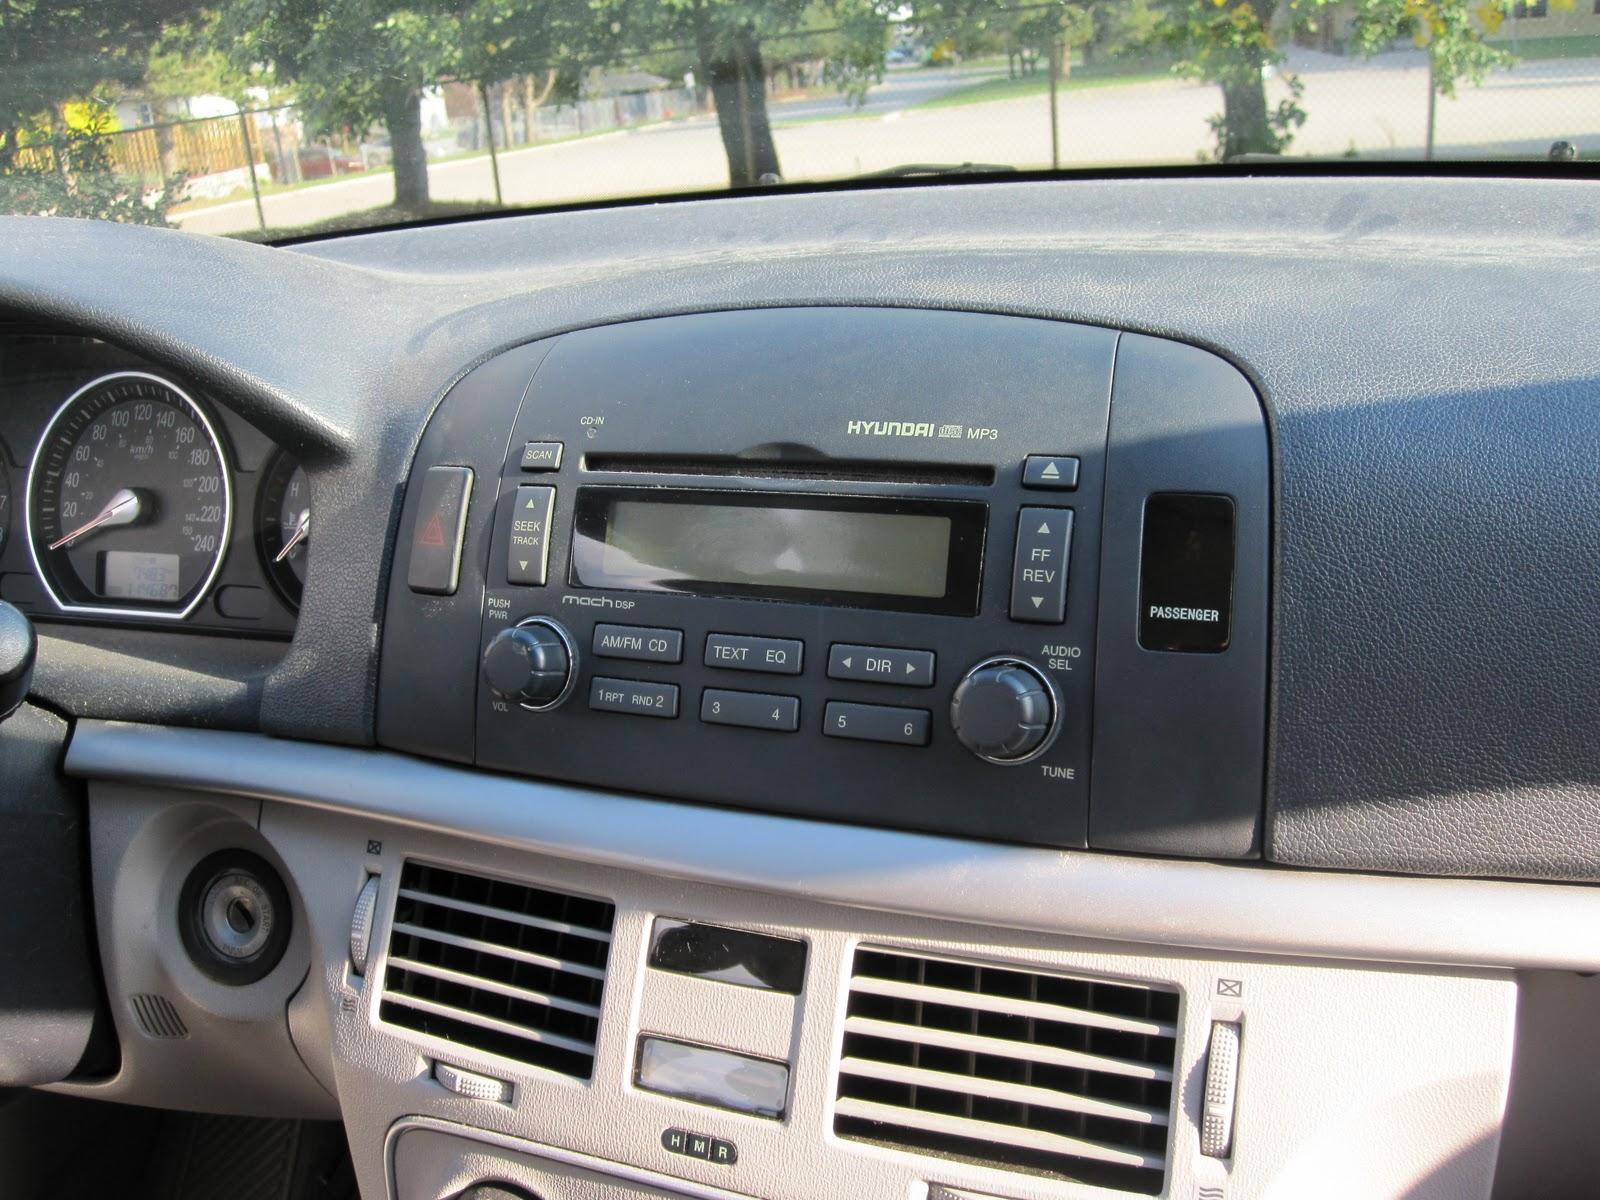 2007 Hyundai Sonata Aux Input